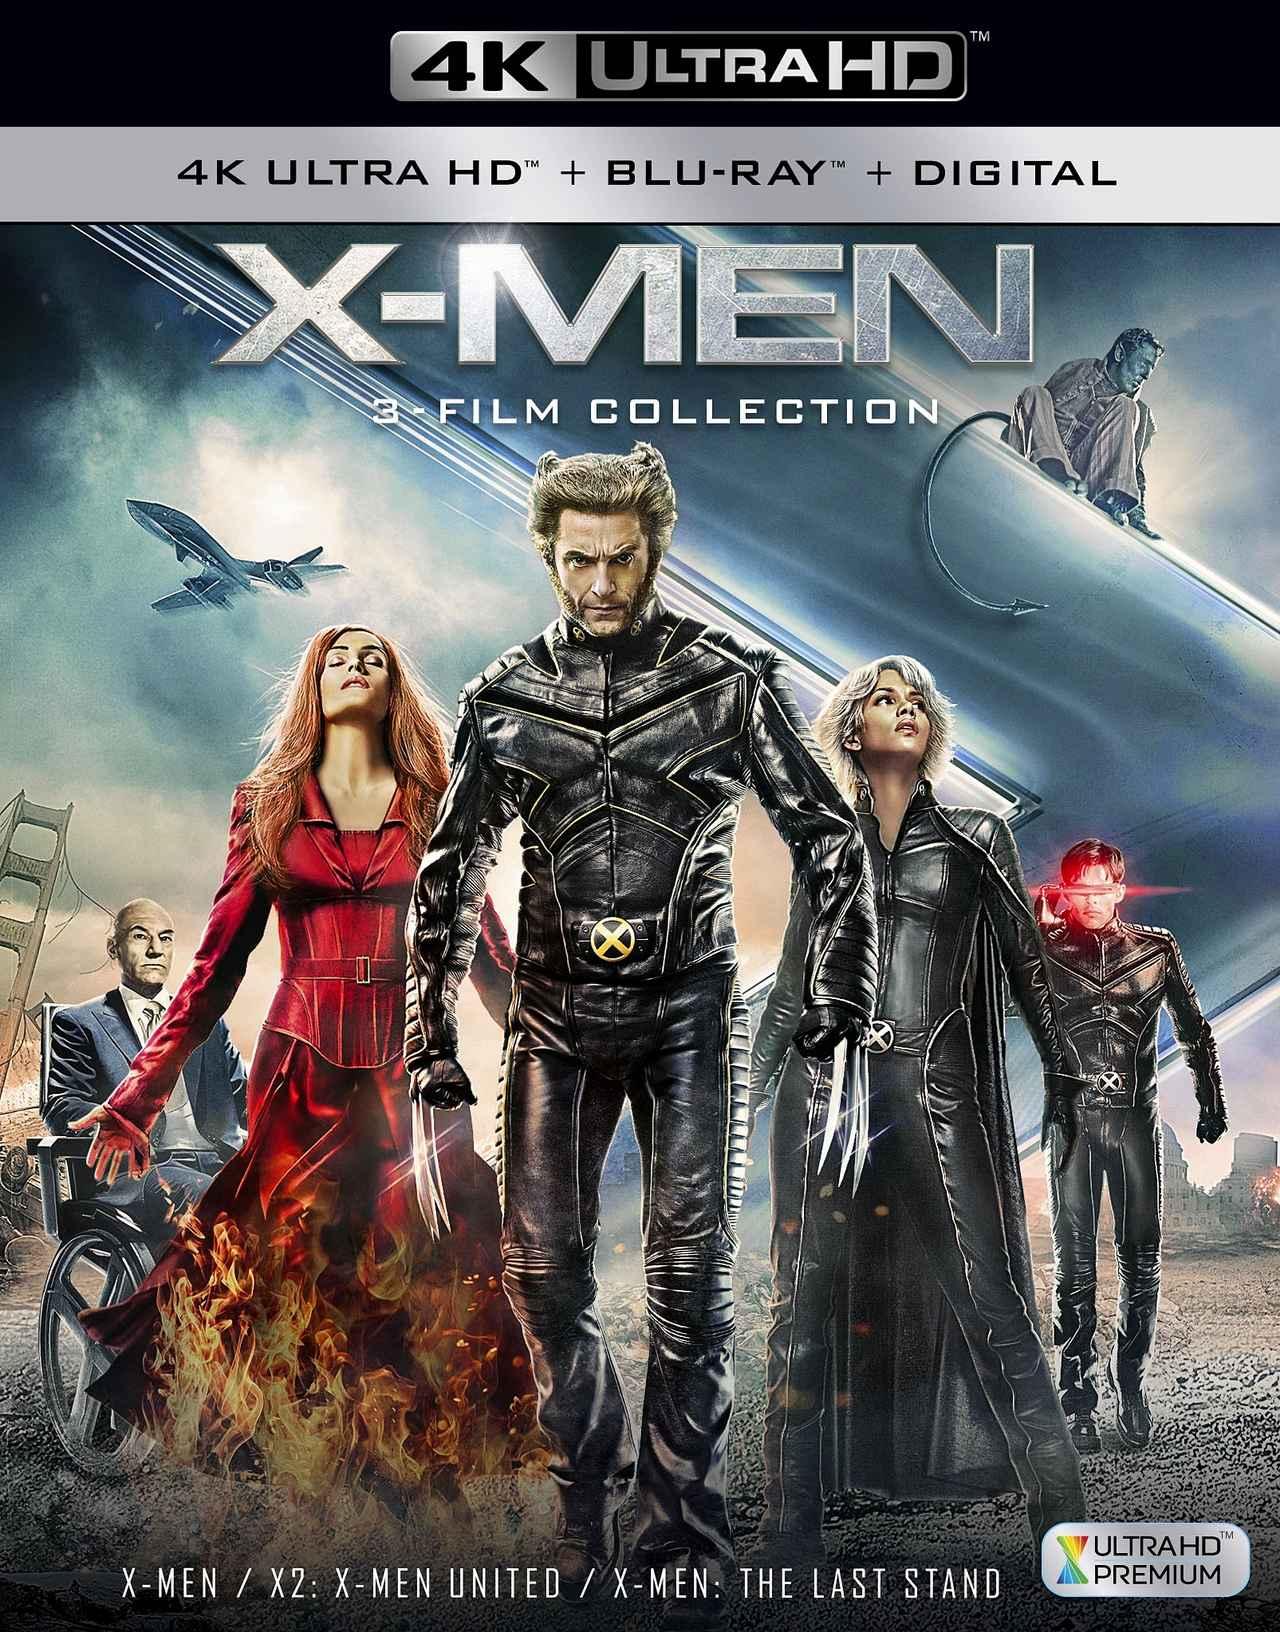 画像: マーベル・コミック人気シリーズ、オリジナル3部作が4K化『X-MEN: 3フィルム・コレクション』【海外盤Blu-ray発売情報】